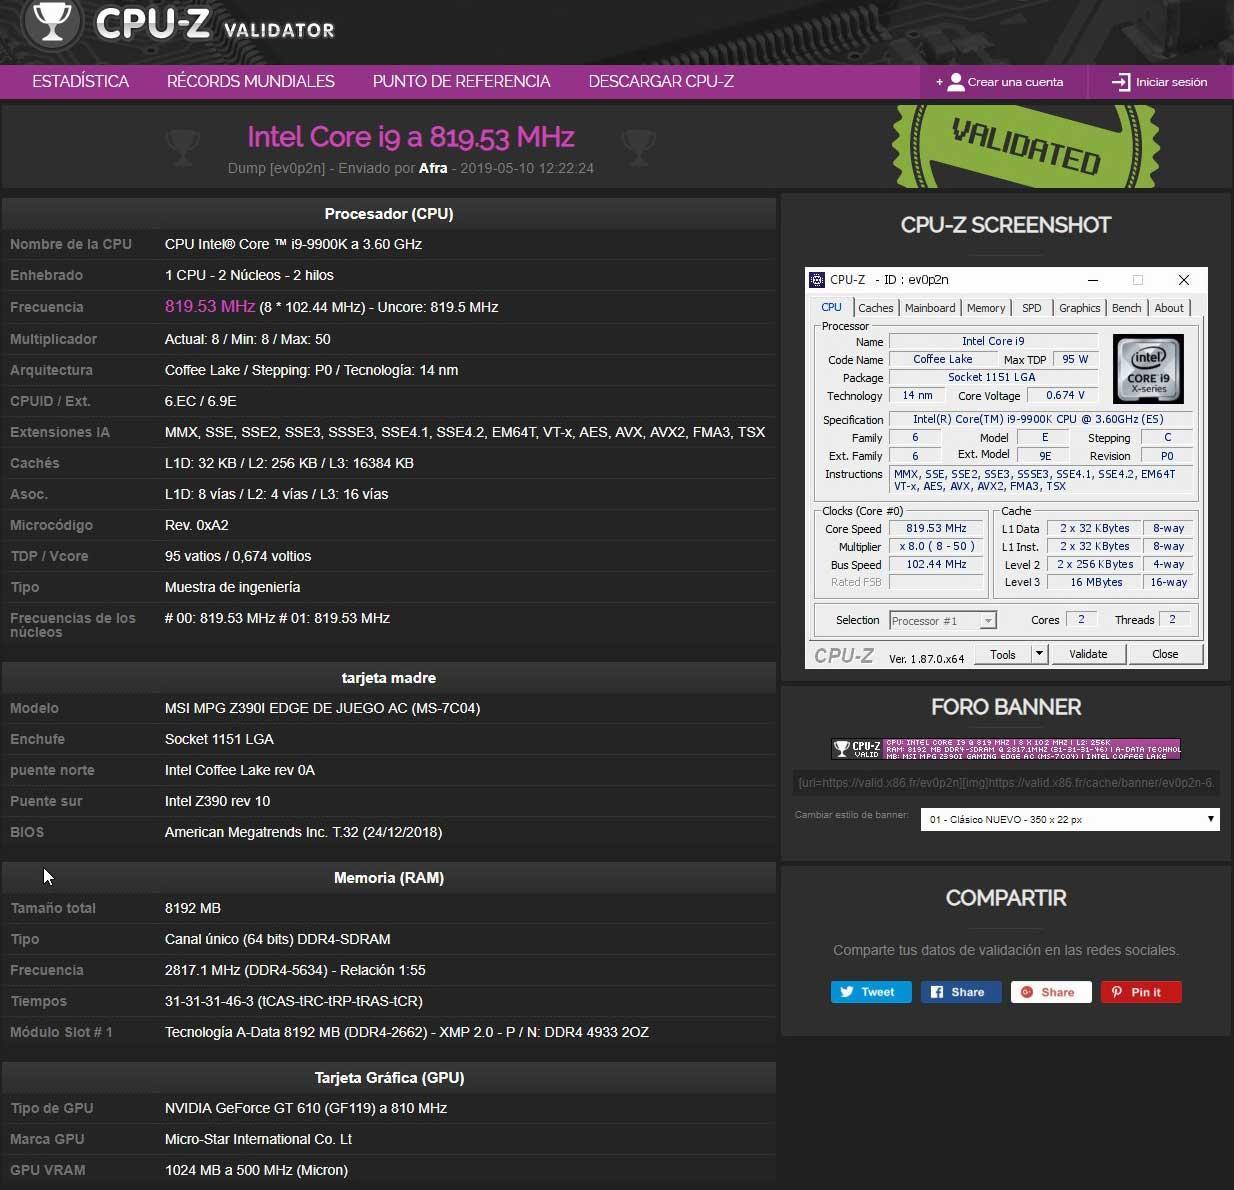 ADATA-Spectrix-CPU-Z